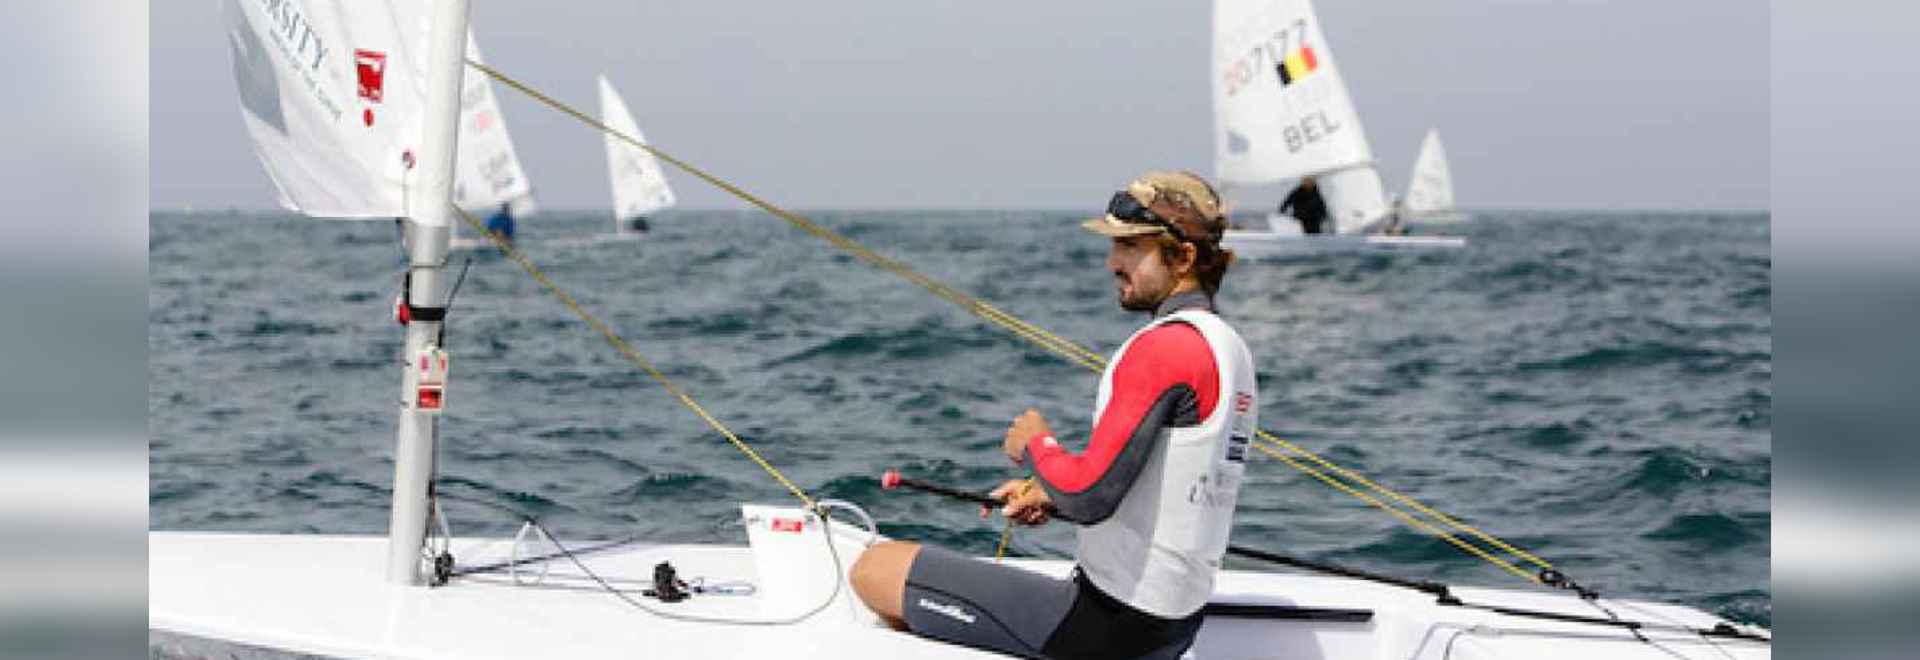 In den Männern? s Laser, Charlie Buckingham hat seine internationalen Resultate ständig, gesehen seit dem Beginnen seiner ganztägig olympischen Kampagne 2011 zu verbessern. Der zweifache ICSA Hochs...